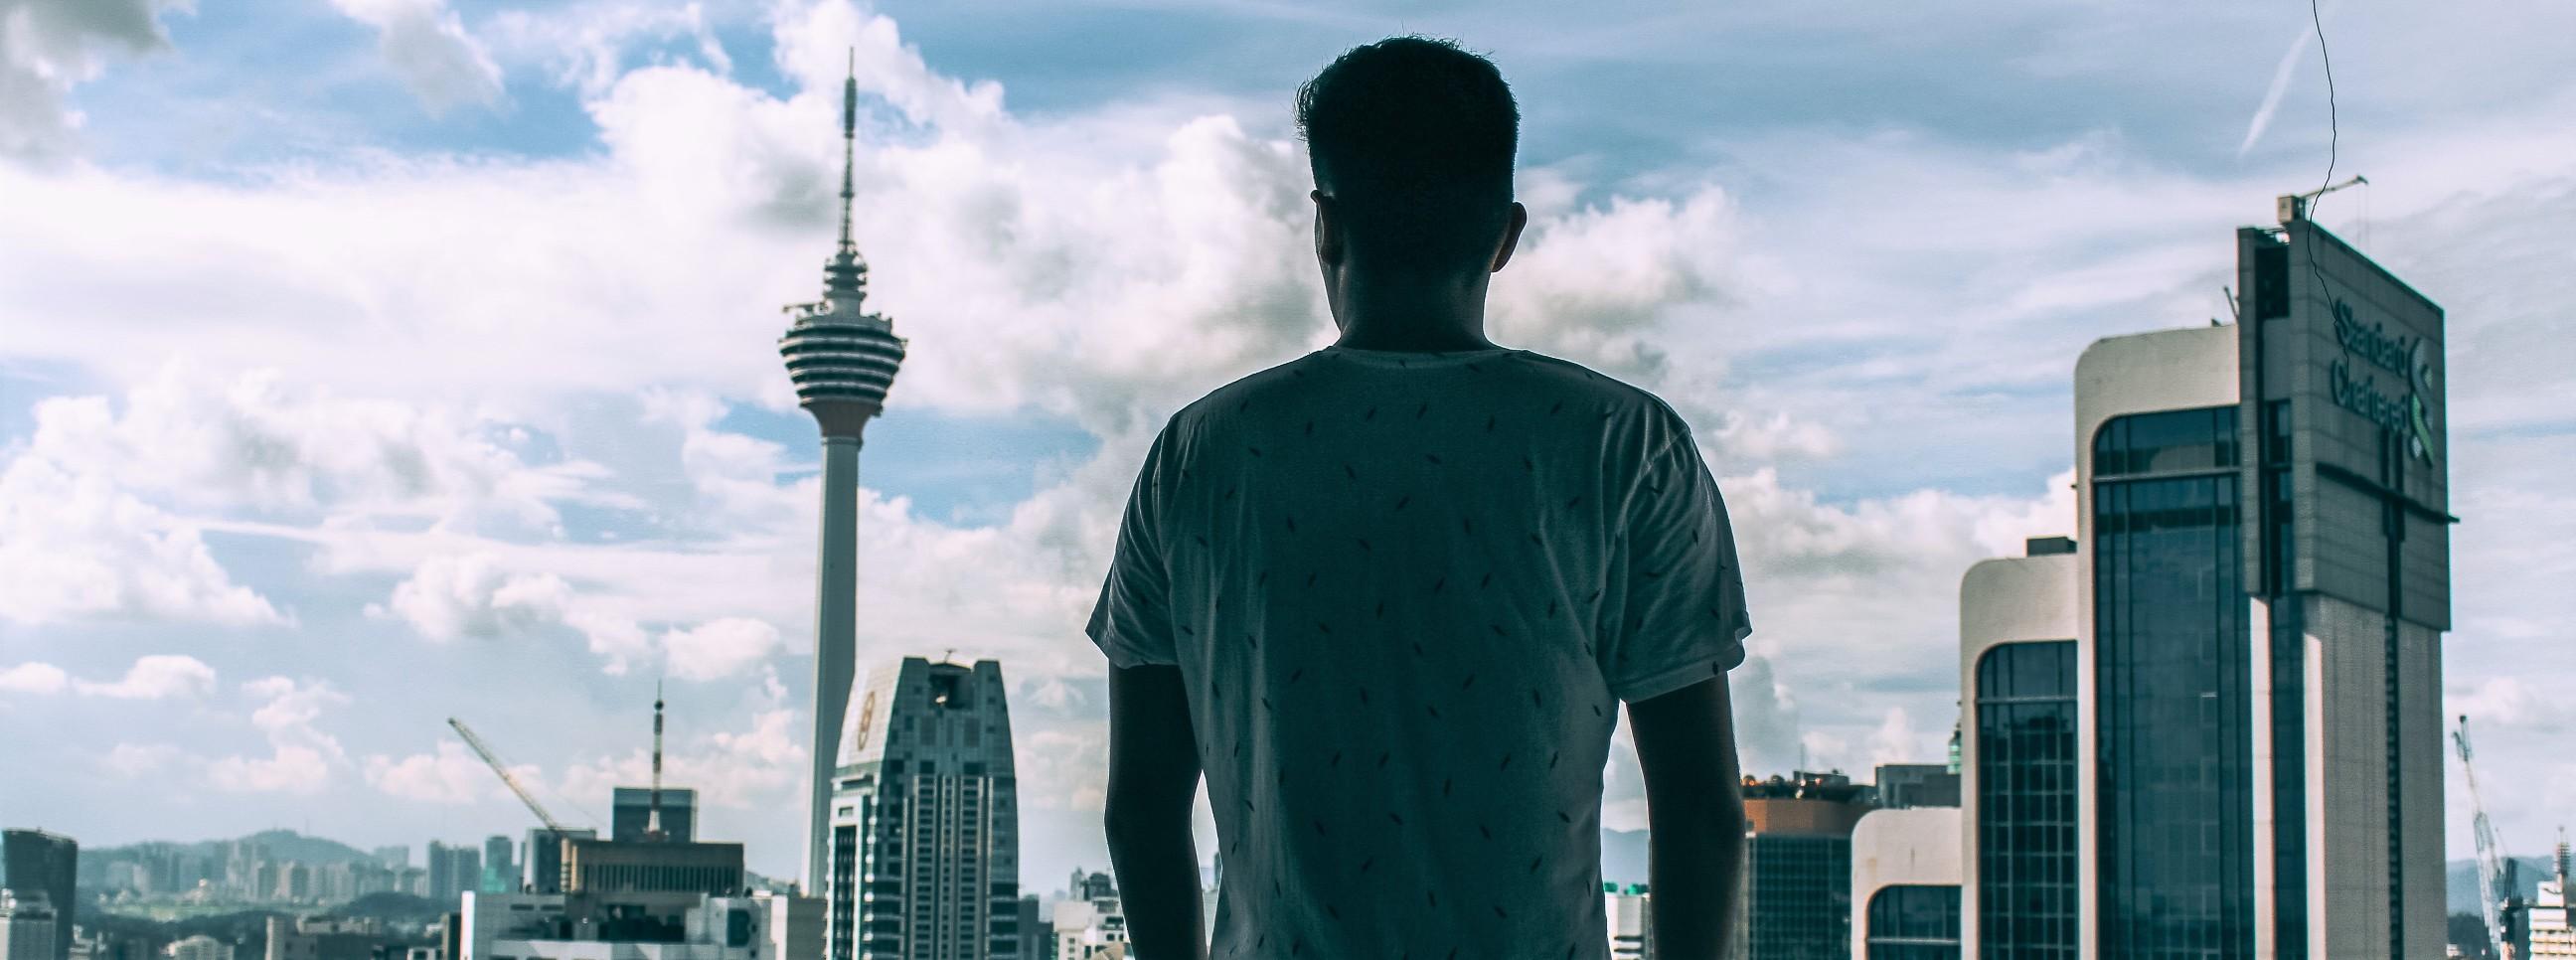 Man kijkt naar skyline Kuala Lumpur in Maleisië